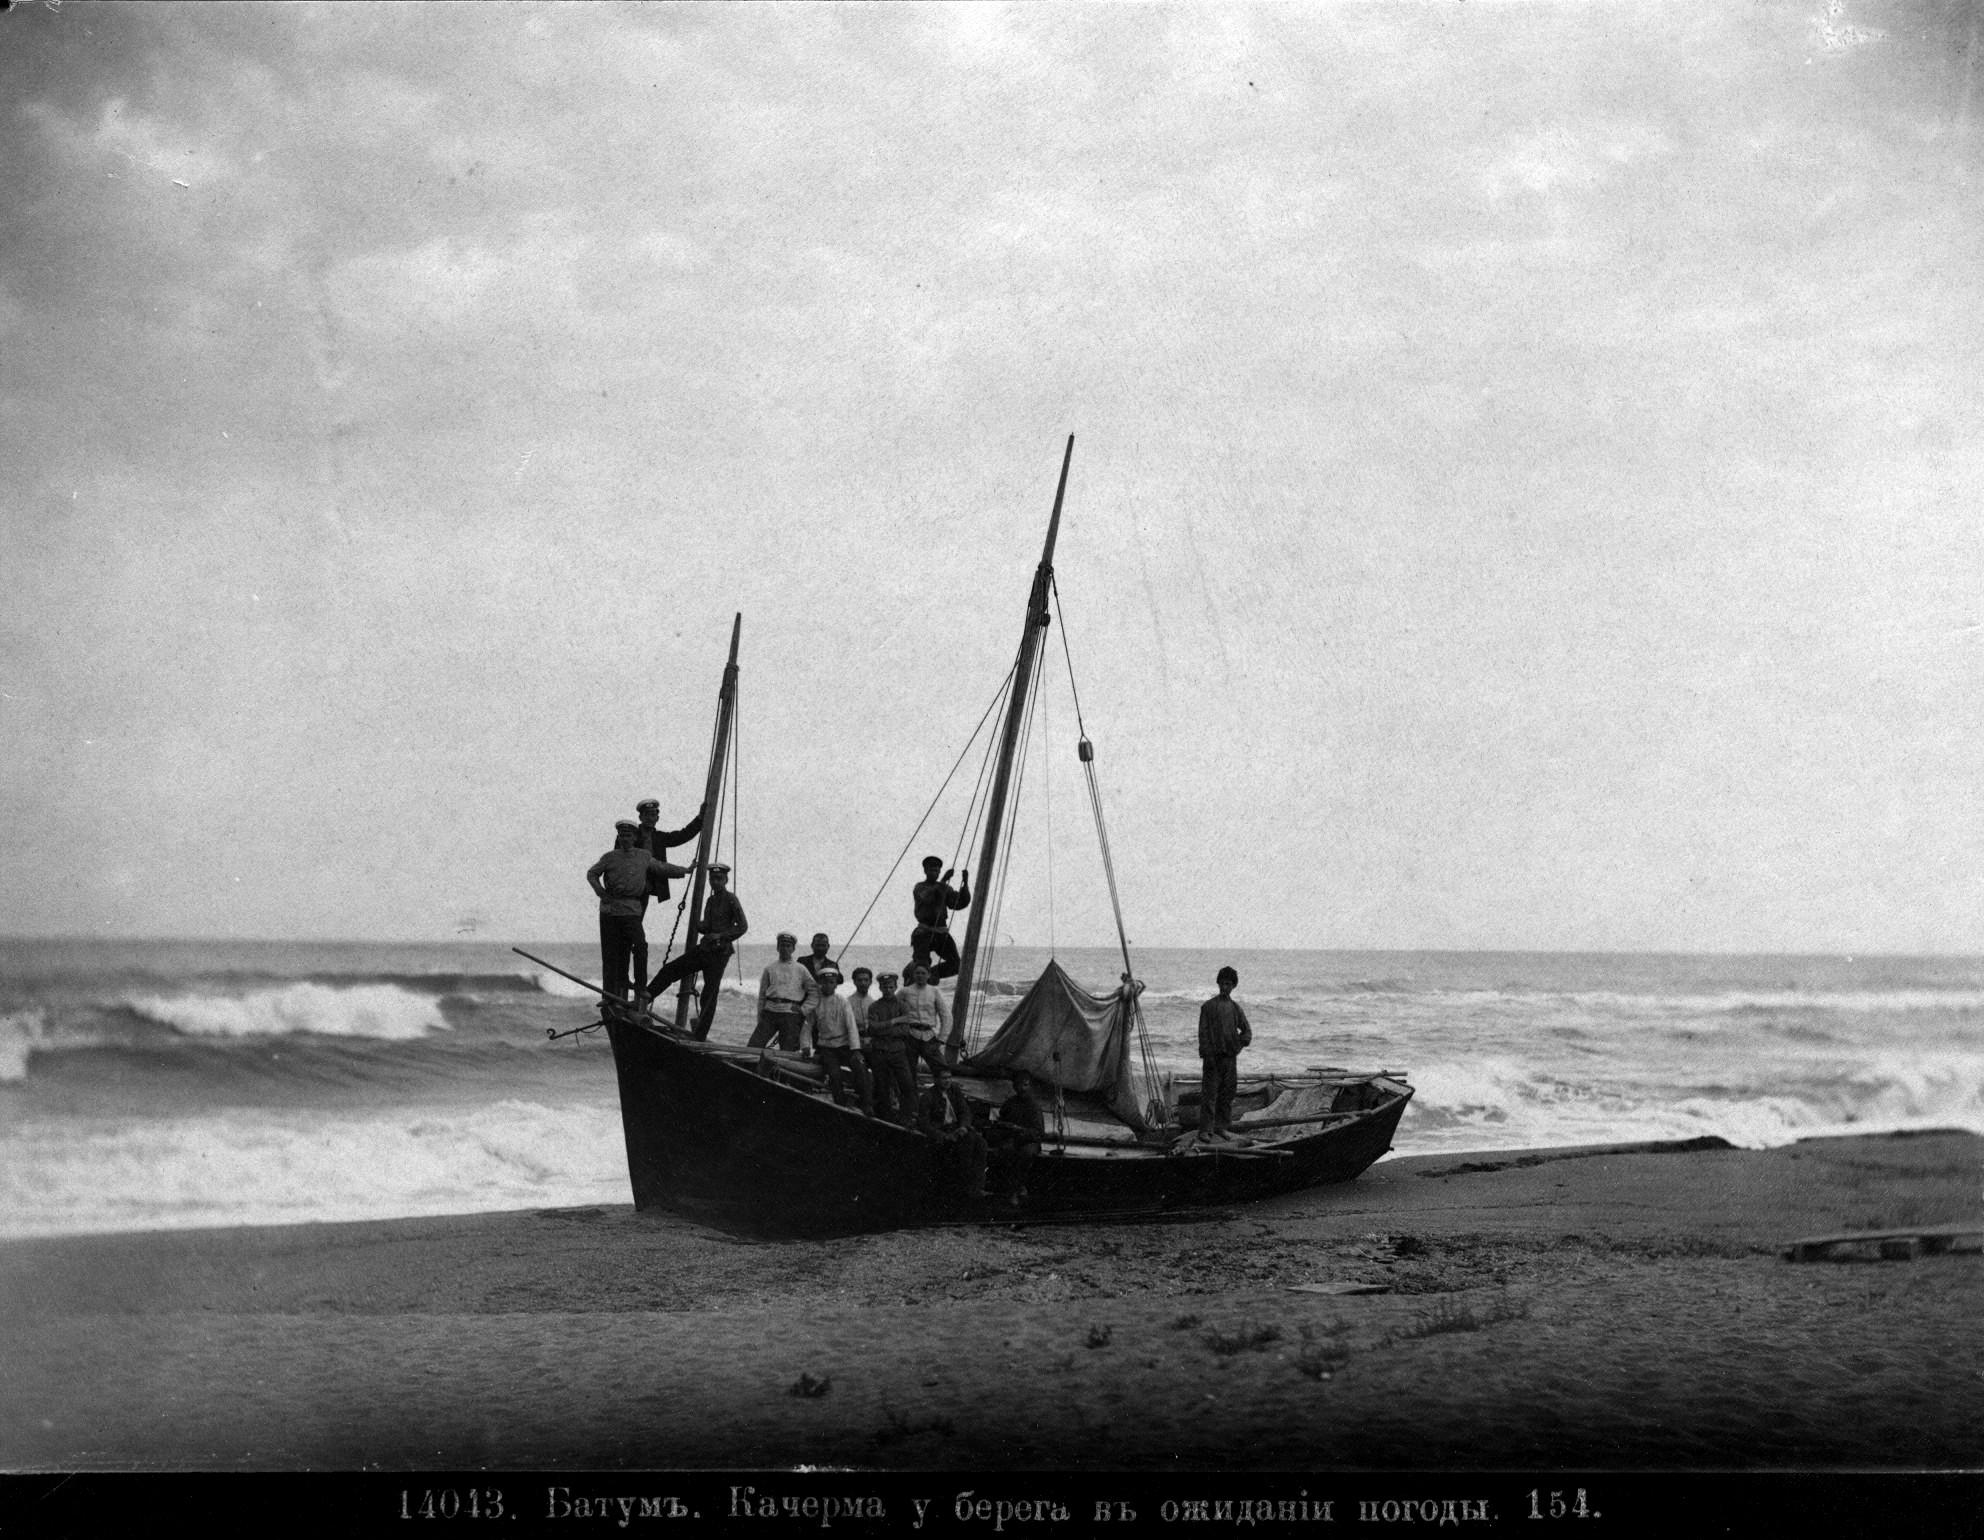 Качерма у берега в ожидании погоды